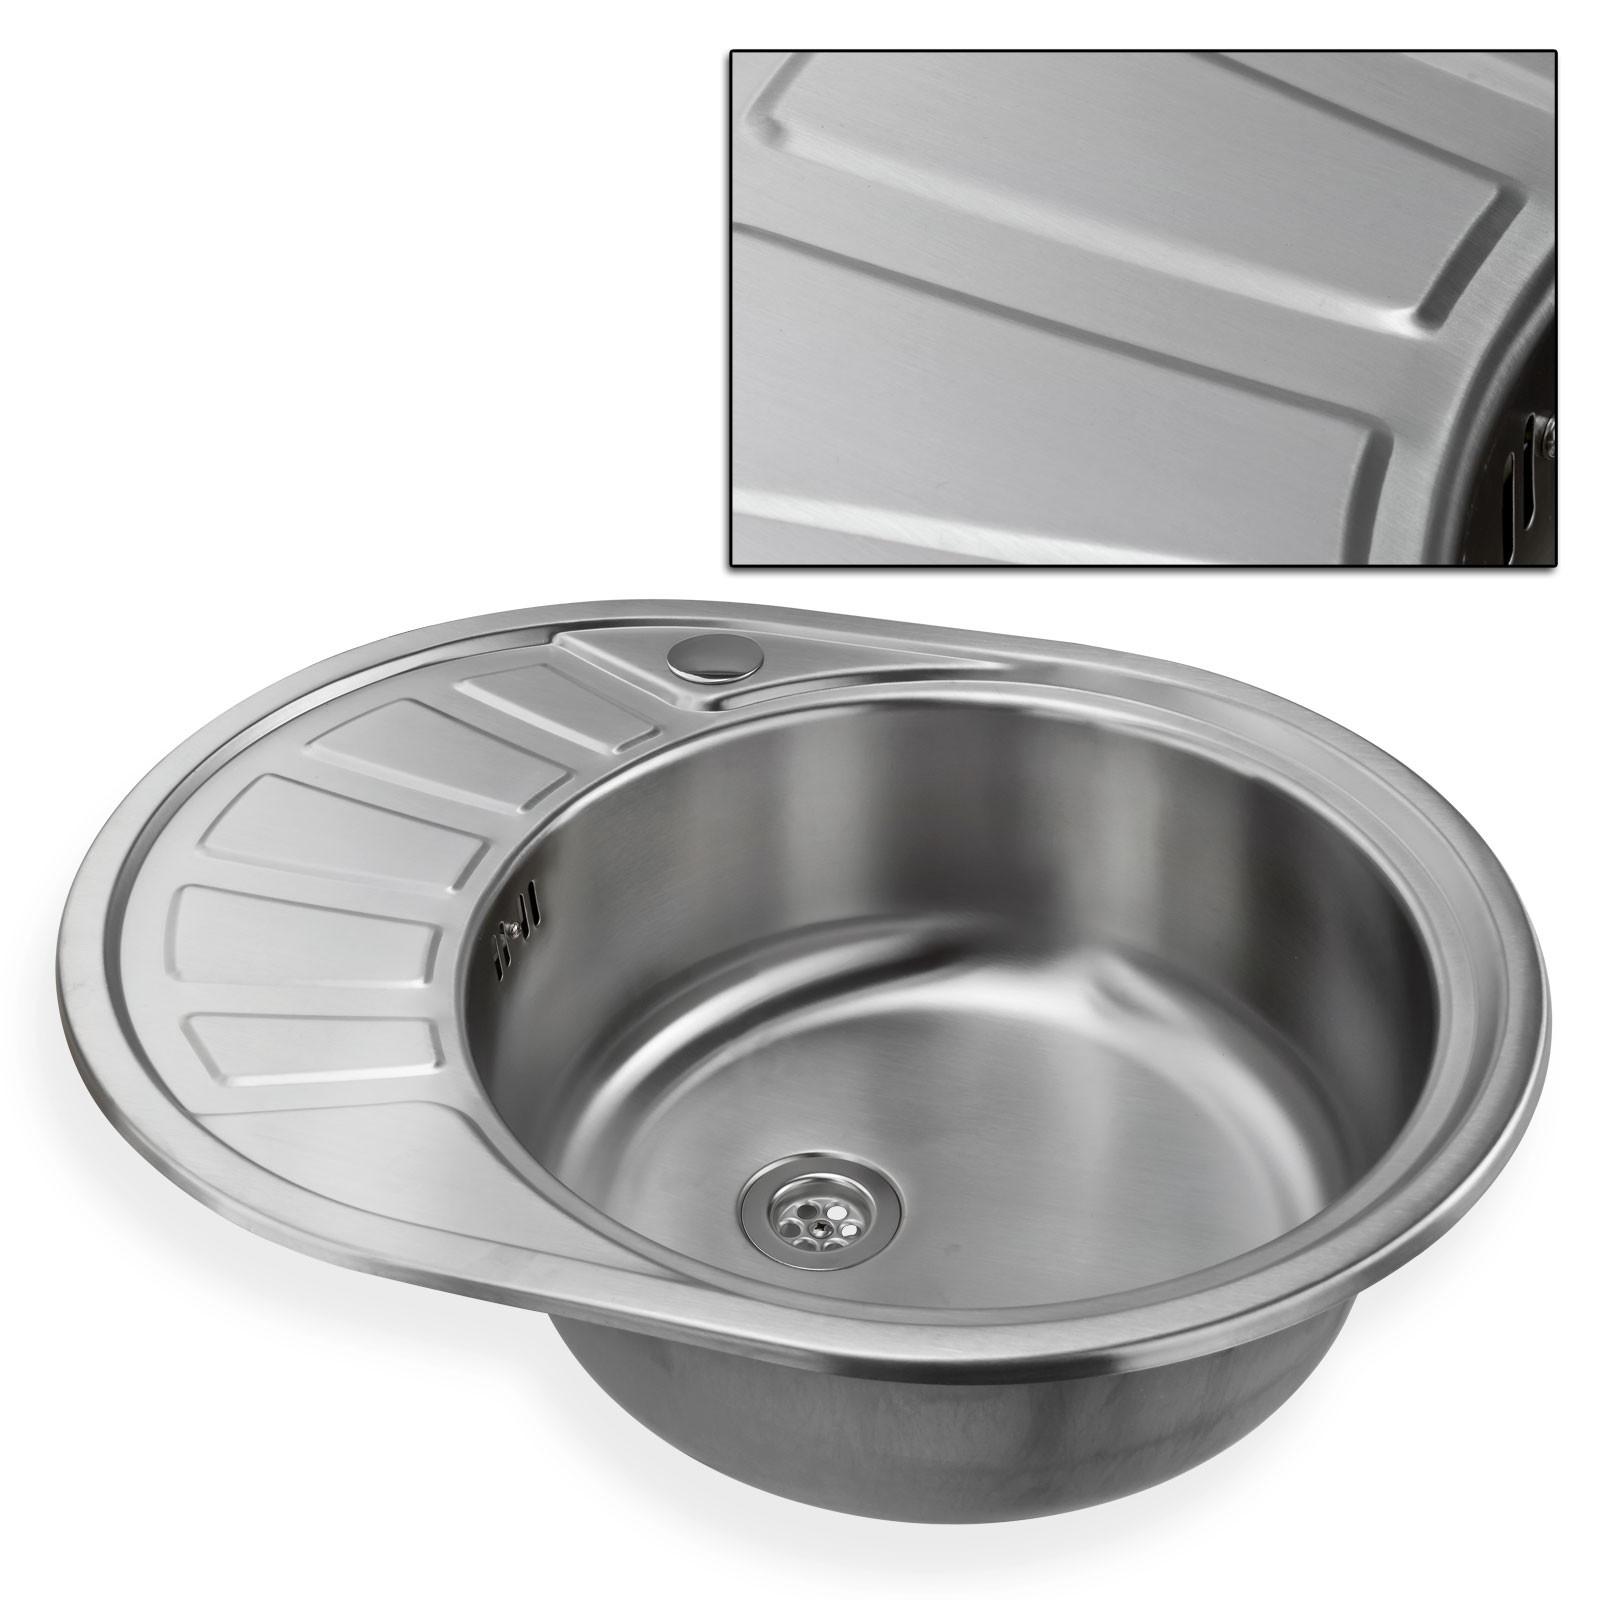 Waschbecken küche  Spüle Unterschrank Bauhaus: Praktische und schöne küchenschränke ...